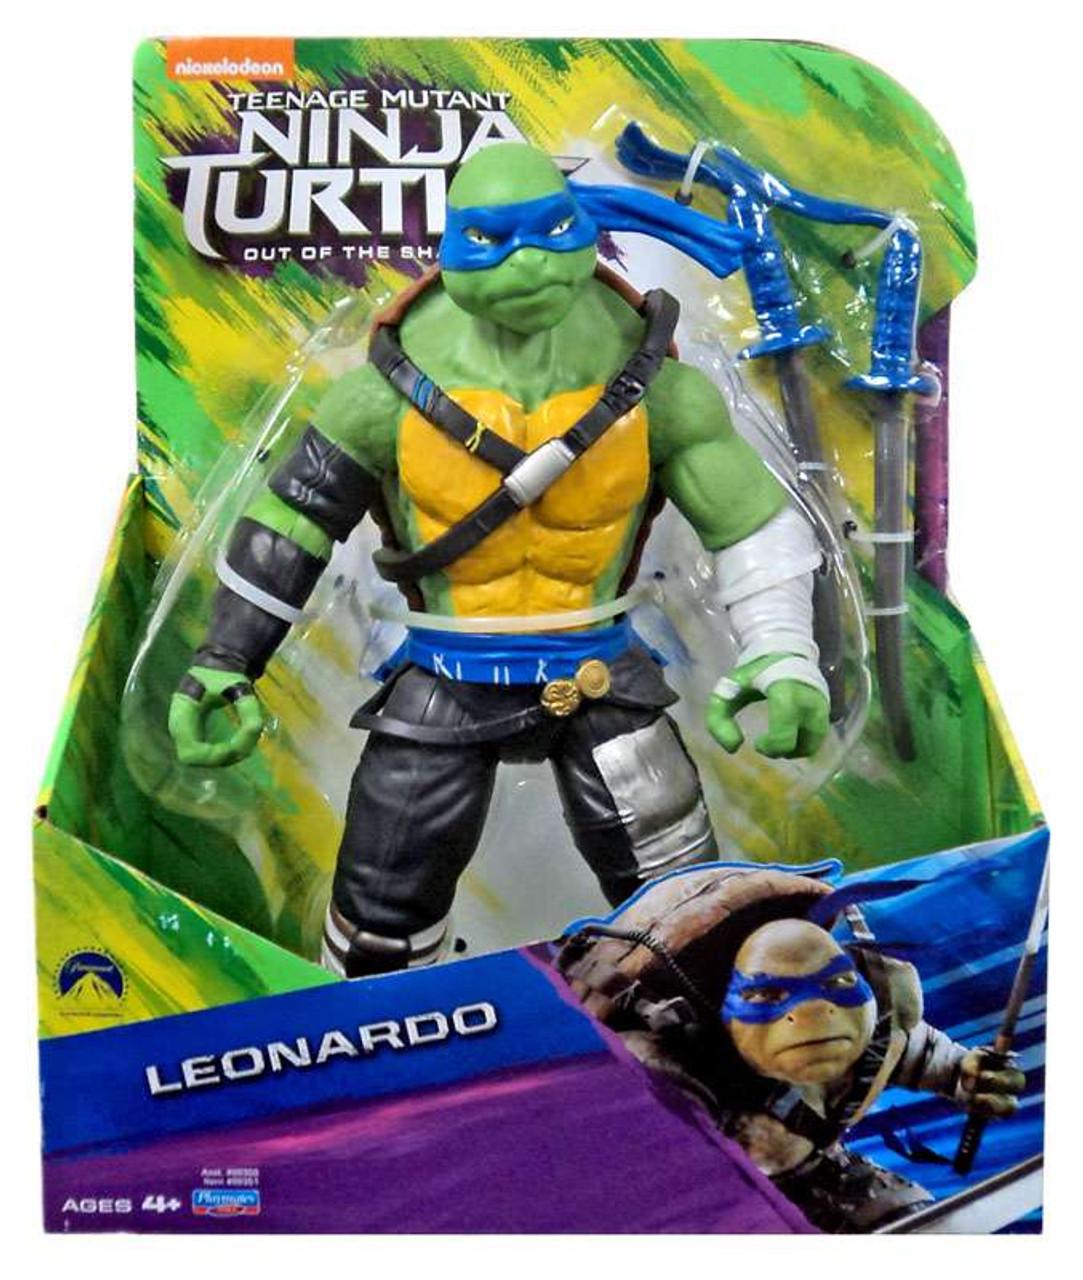 Teenage Mutant Ninja Turtles Out of the Shadows Leonardo Action Figure